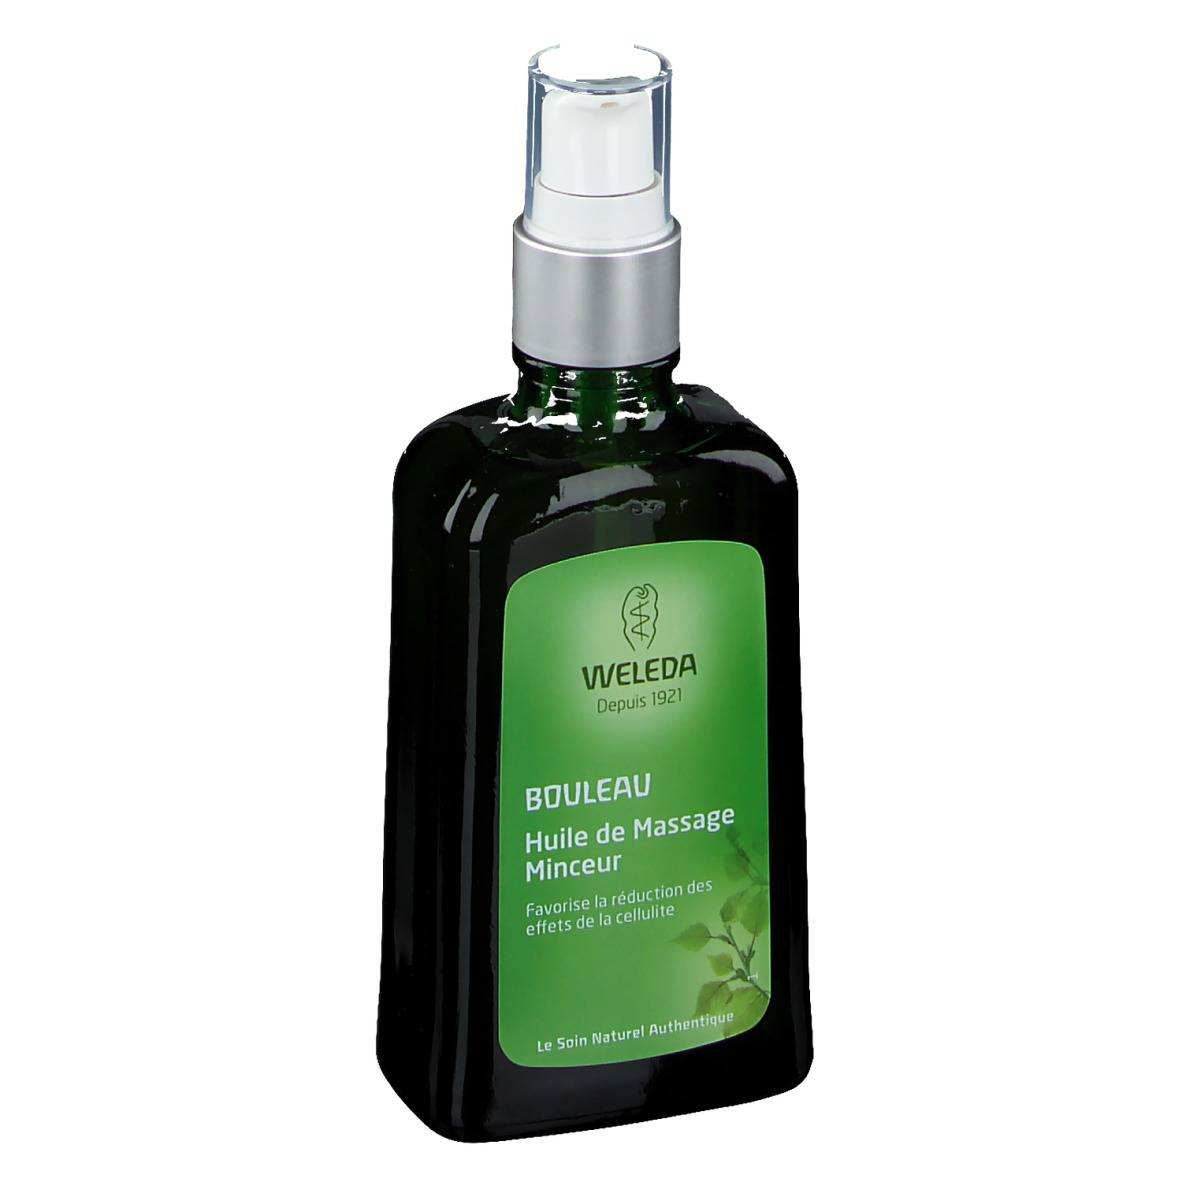 Weleda Bouleau Huile de Massage Minceur ml huile de massage